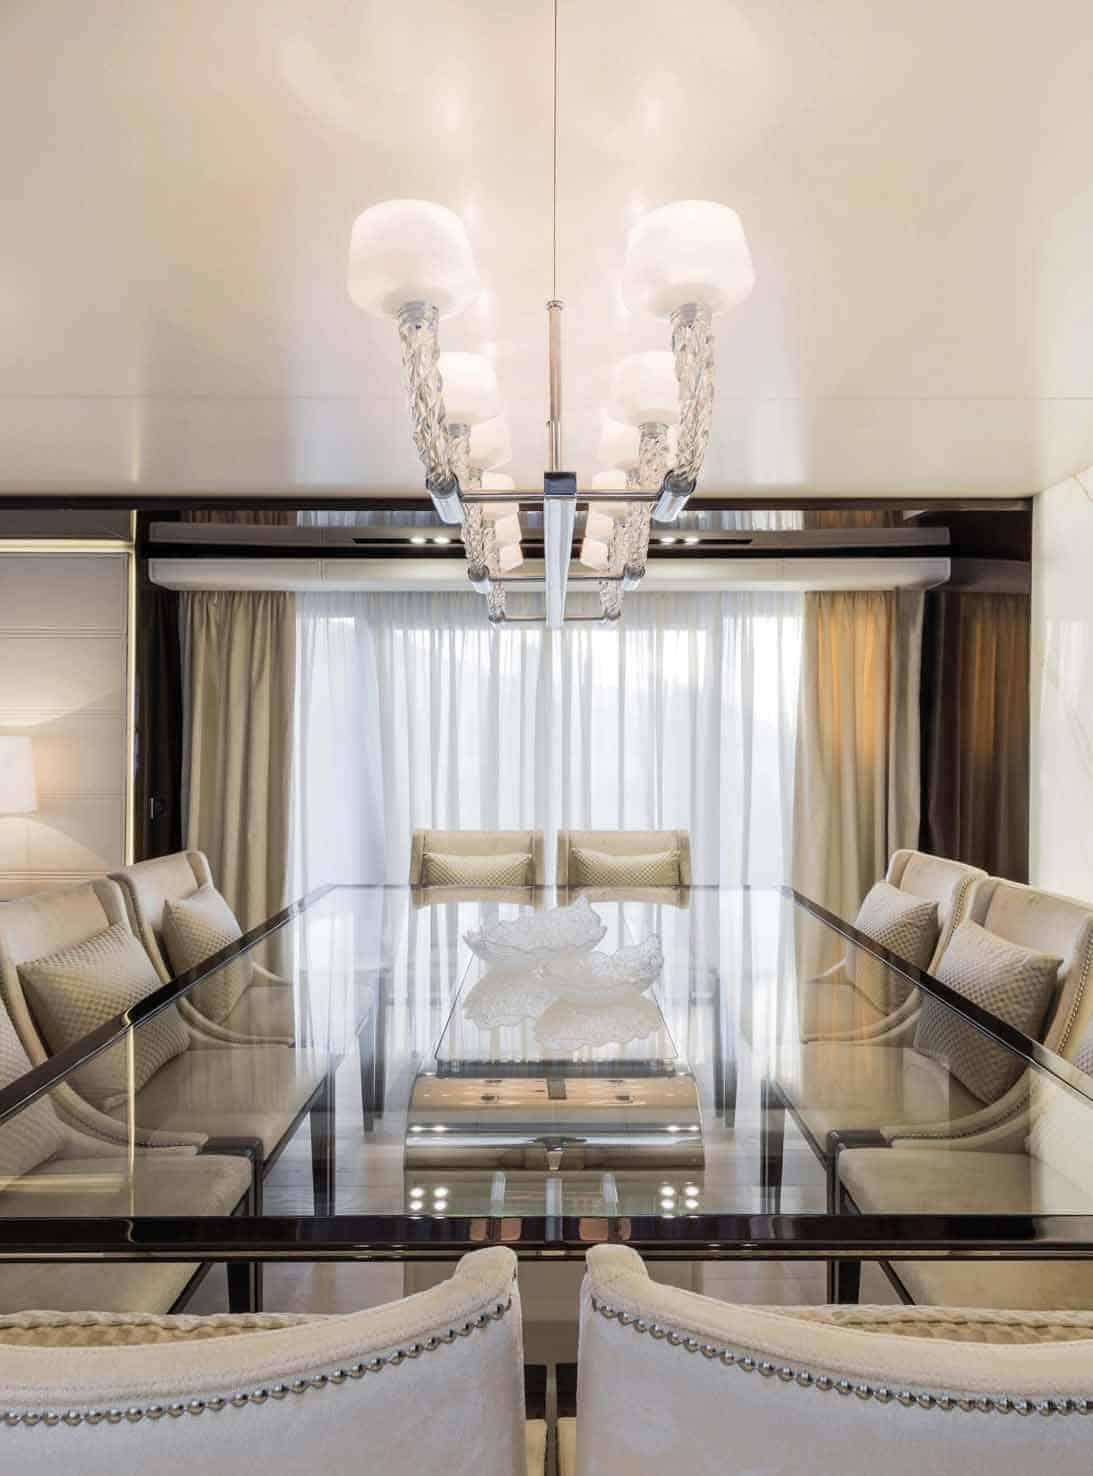 Il tavolo da pranzo in cristallo e l'elaborato lampadario in vetro di Murano